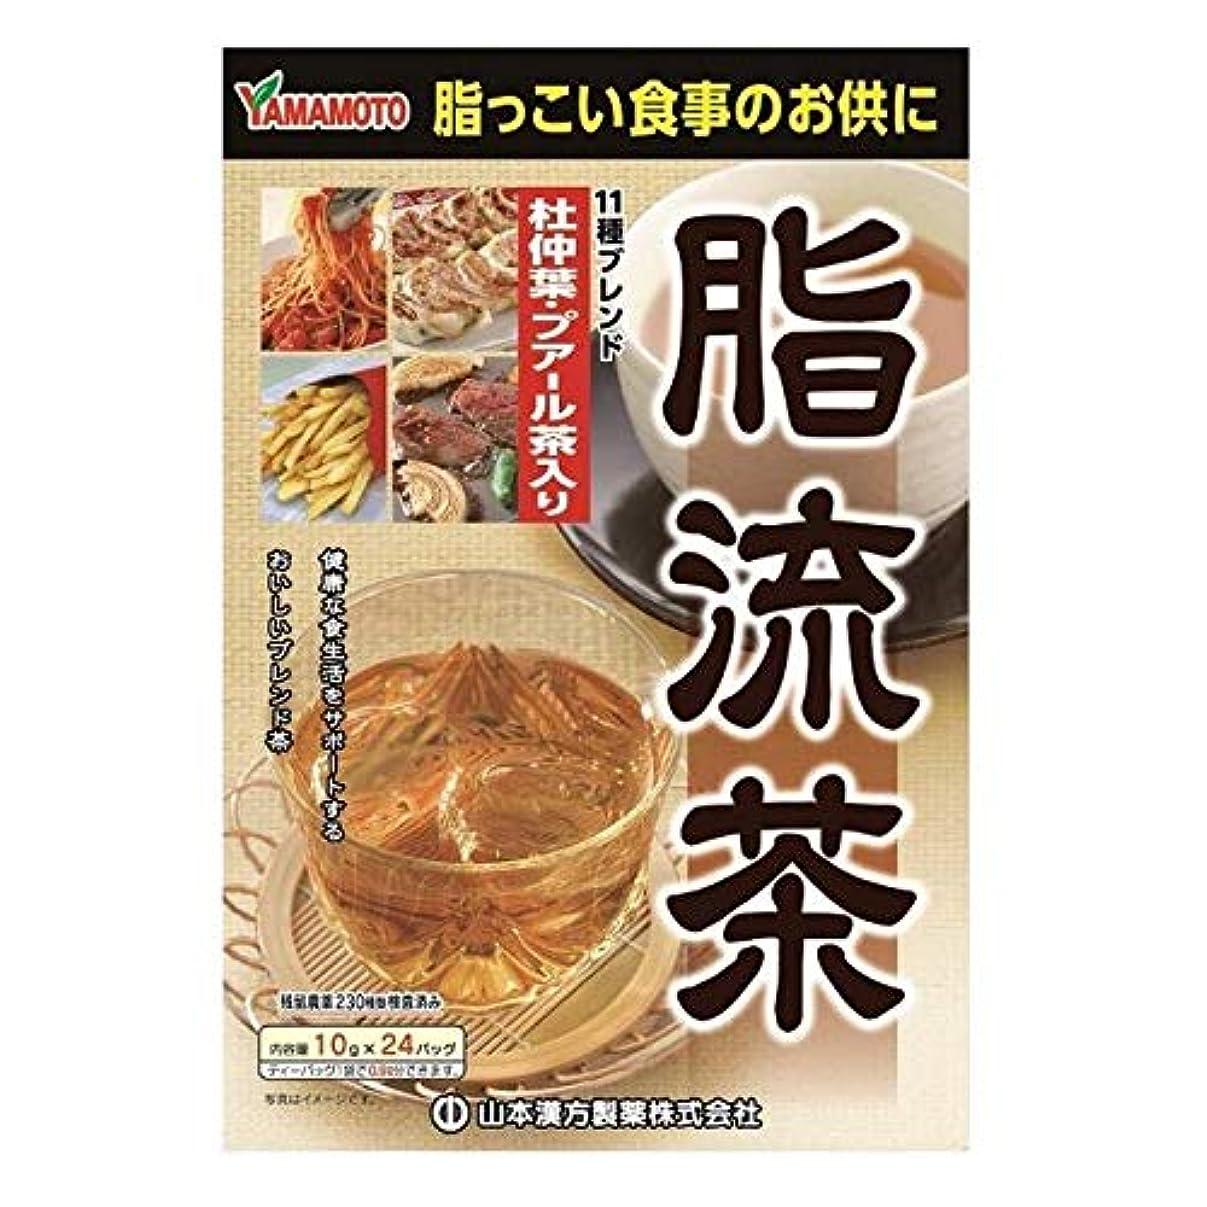 シャープ不注意食い違い【5個セット】山本漢方製薬 脂流茶 10gX24H ×5個セット